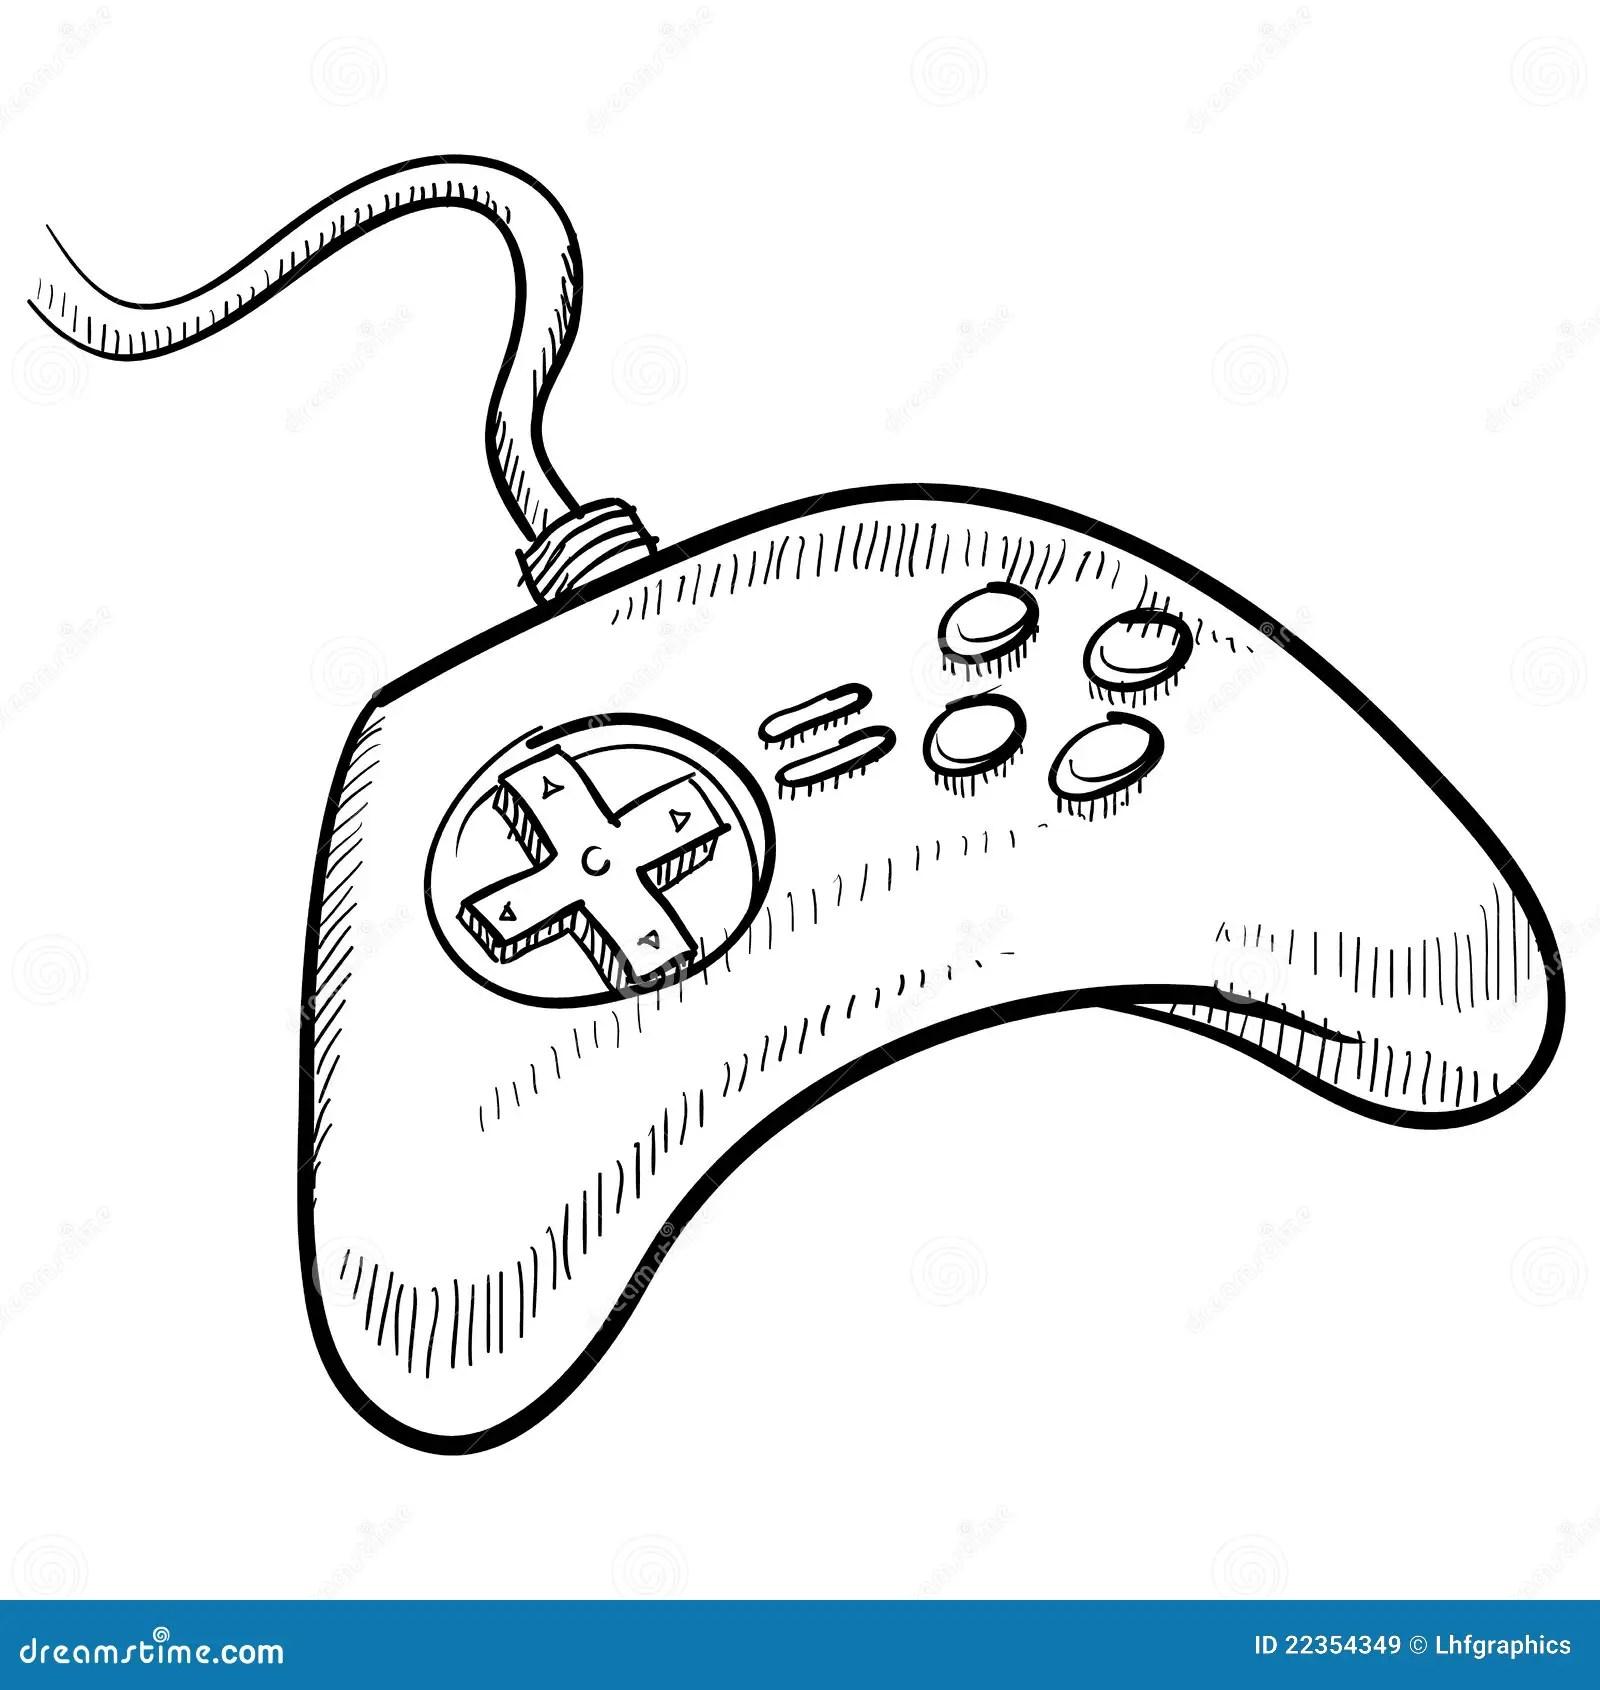 Video Game Controller Sketch Stock Vector